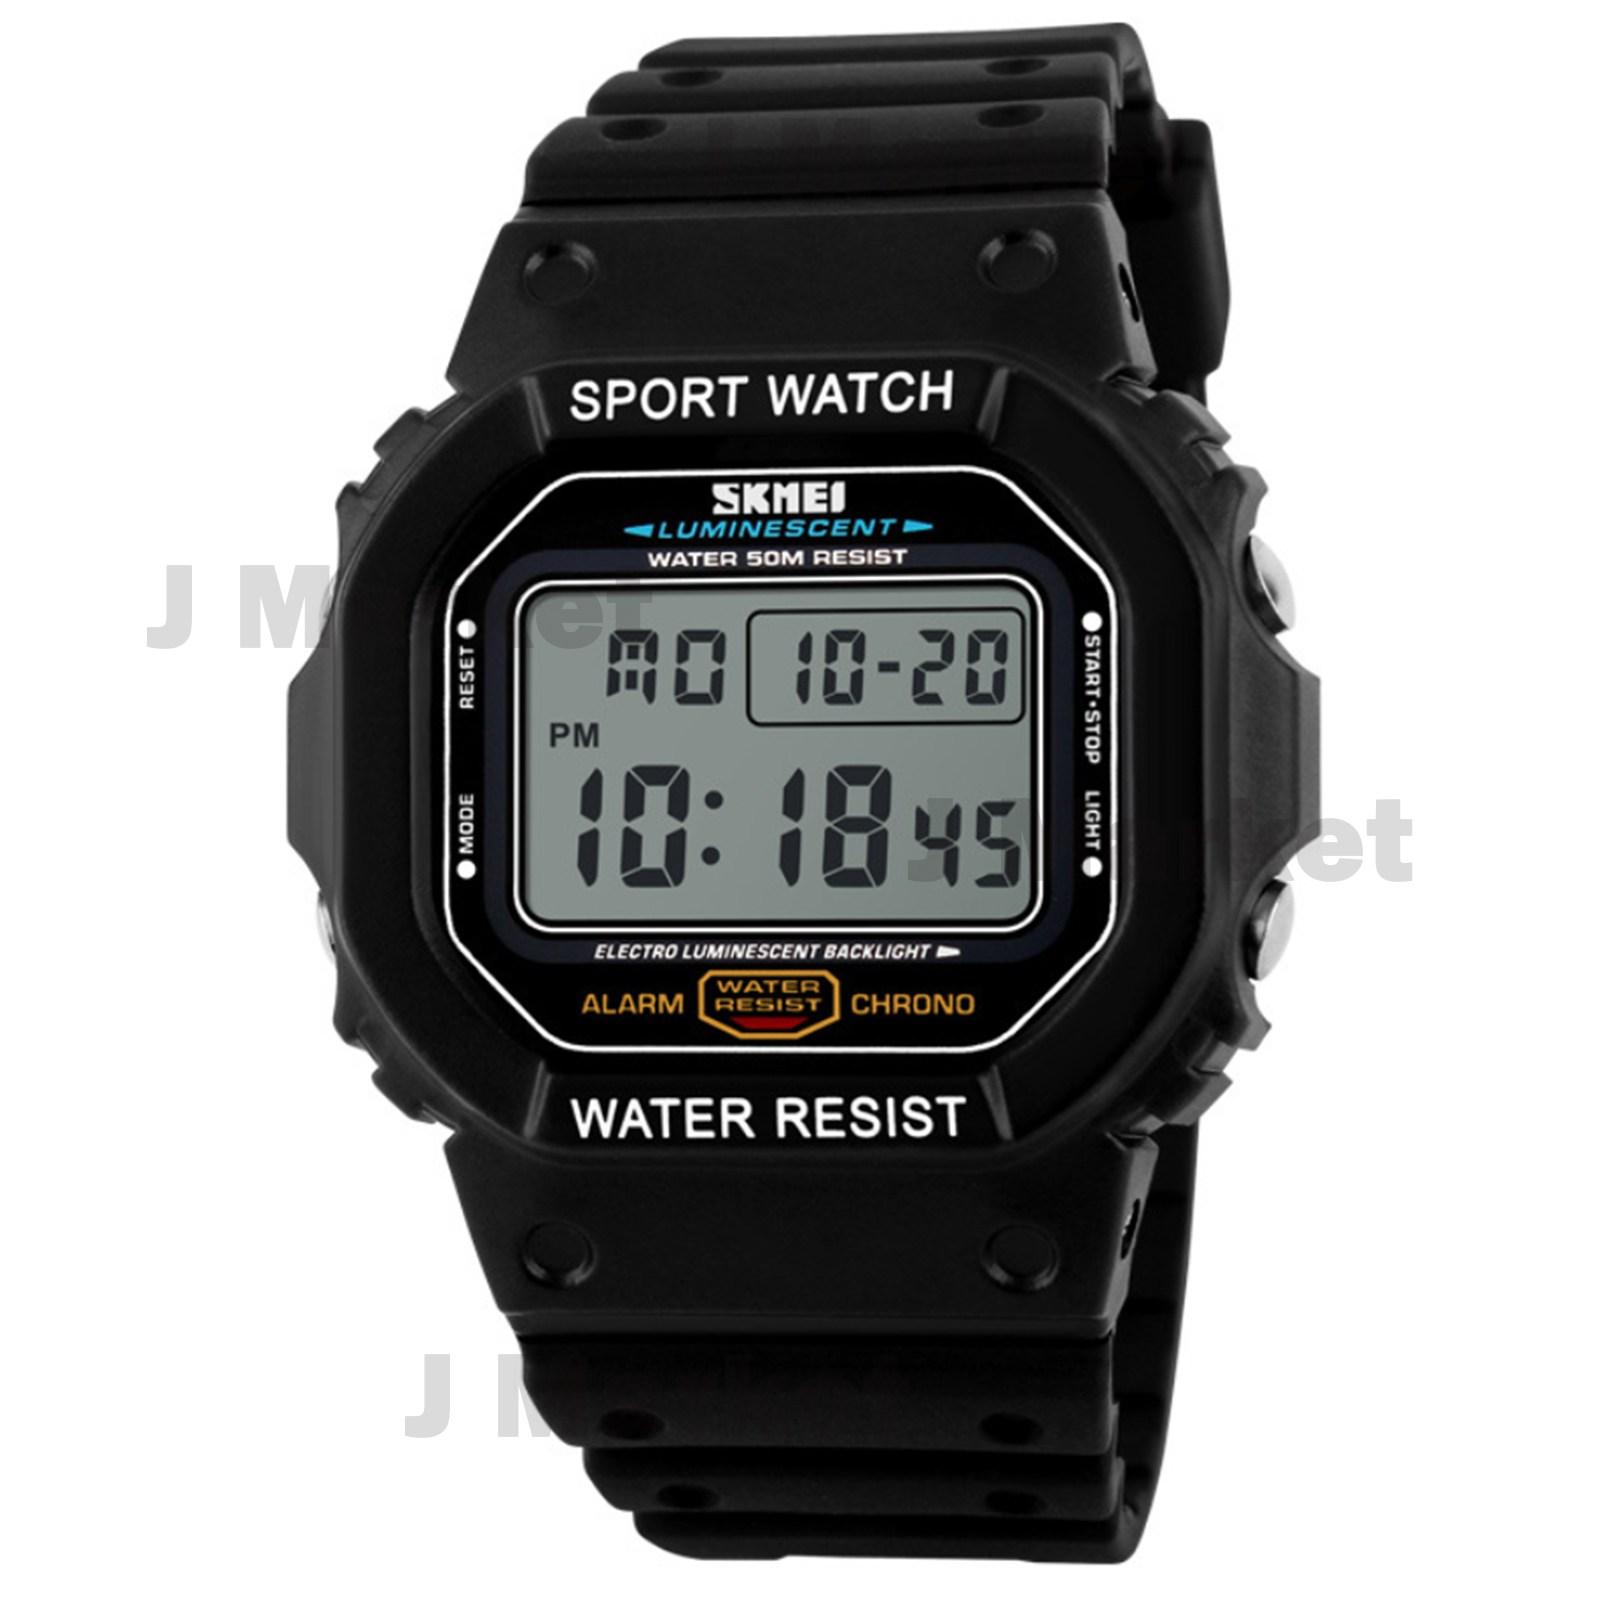 스크메이 SKM-1134 우레탄밴드 방수 패션 쿼츠 손목시계-25-4819239233